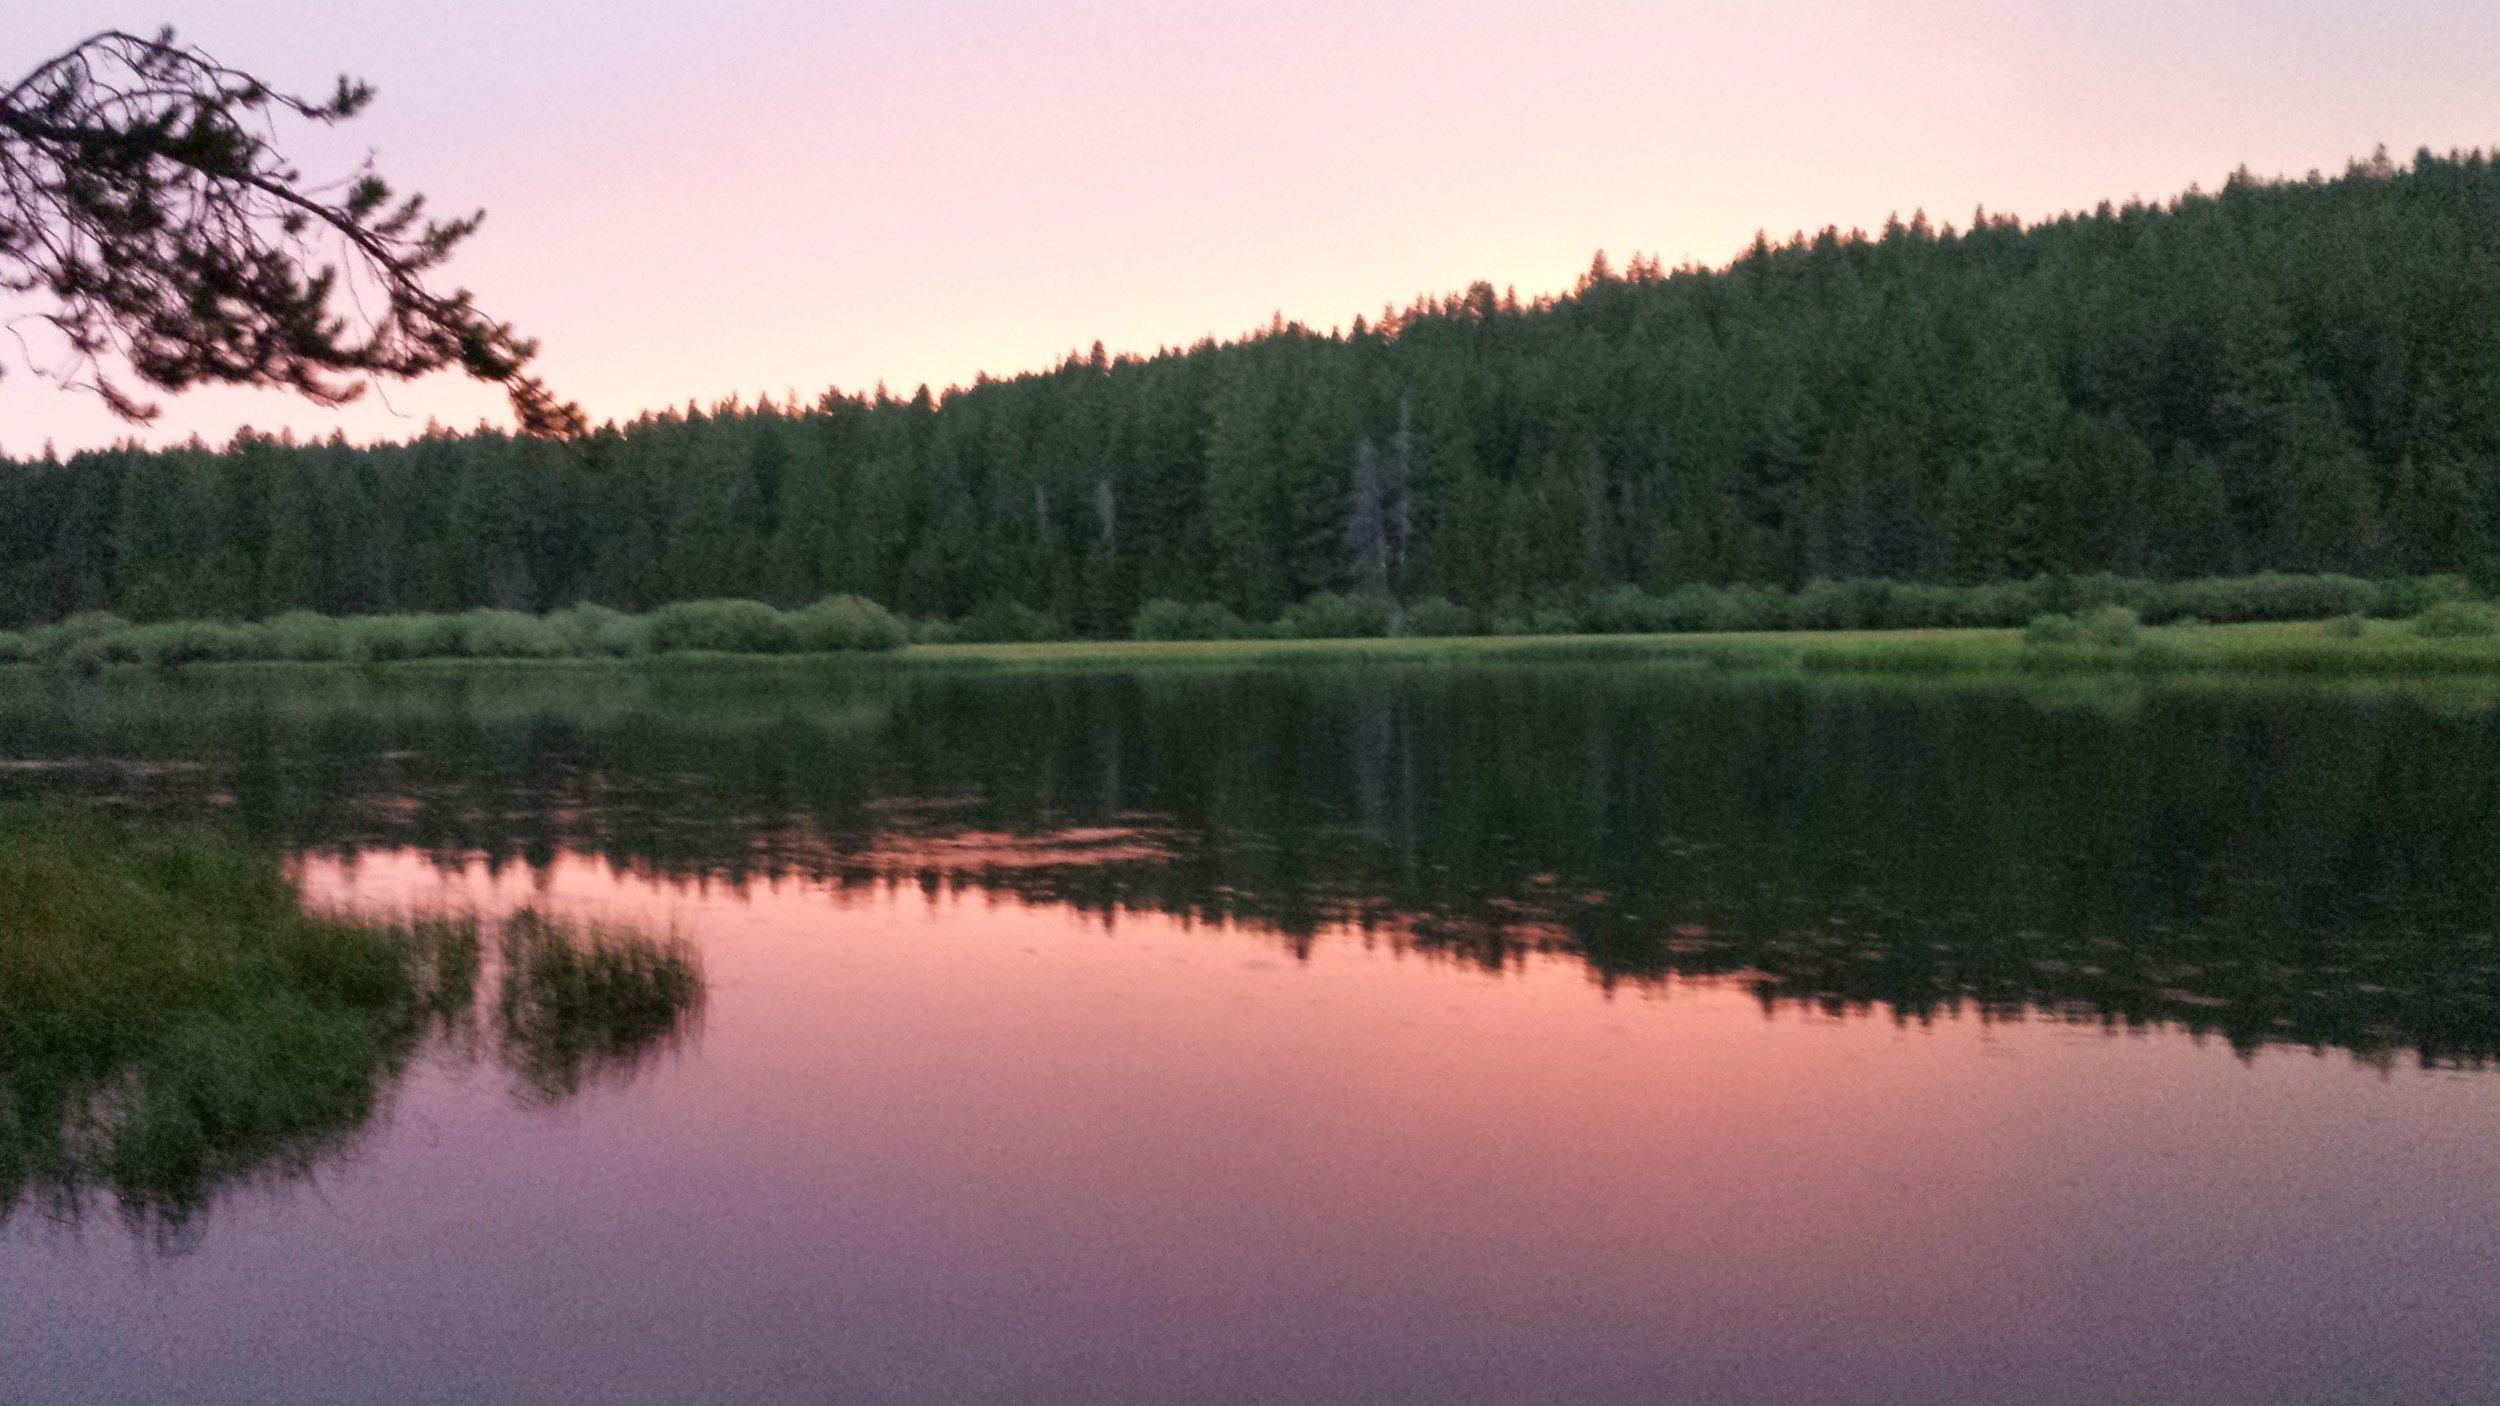 Deschutes-River-Central-Oregon-Water